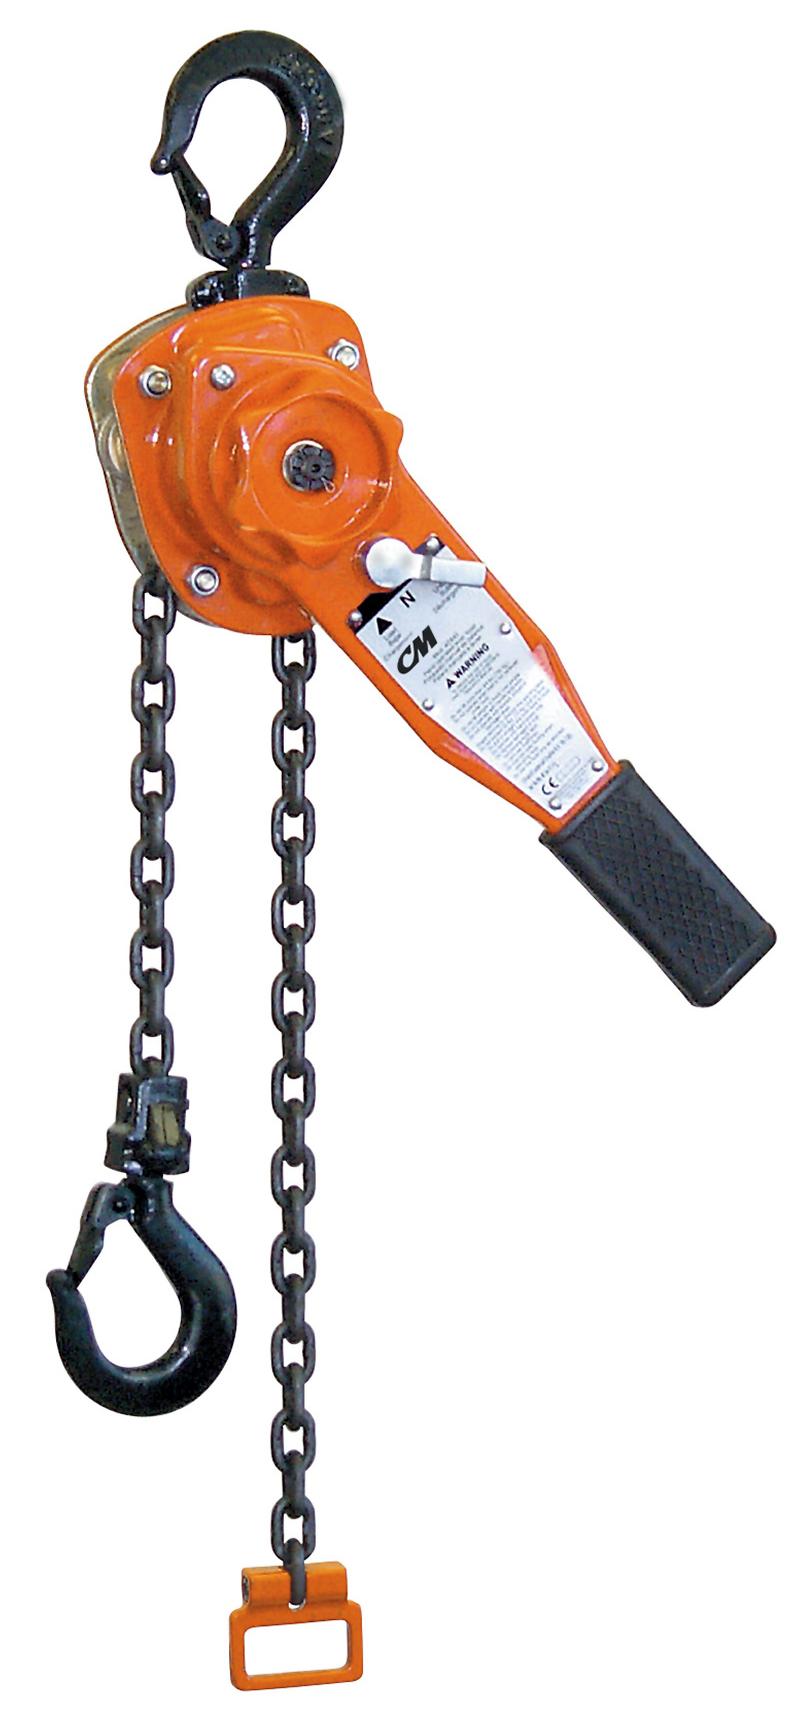 1-ton cm series 653 come along lever hoist  ergonomic partners